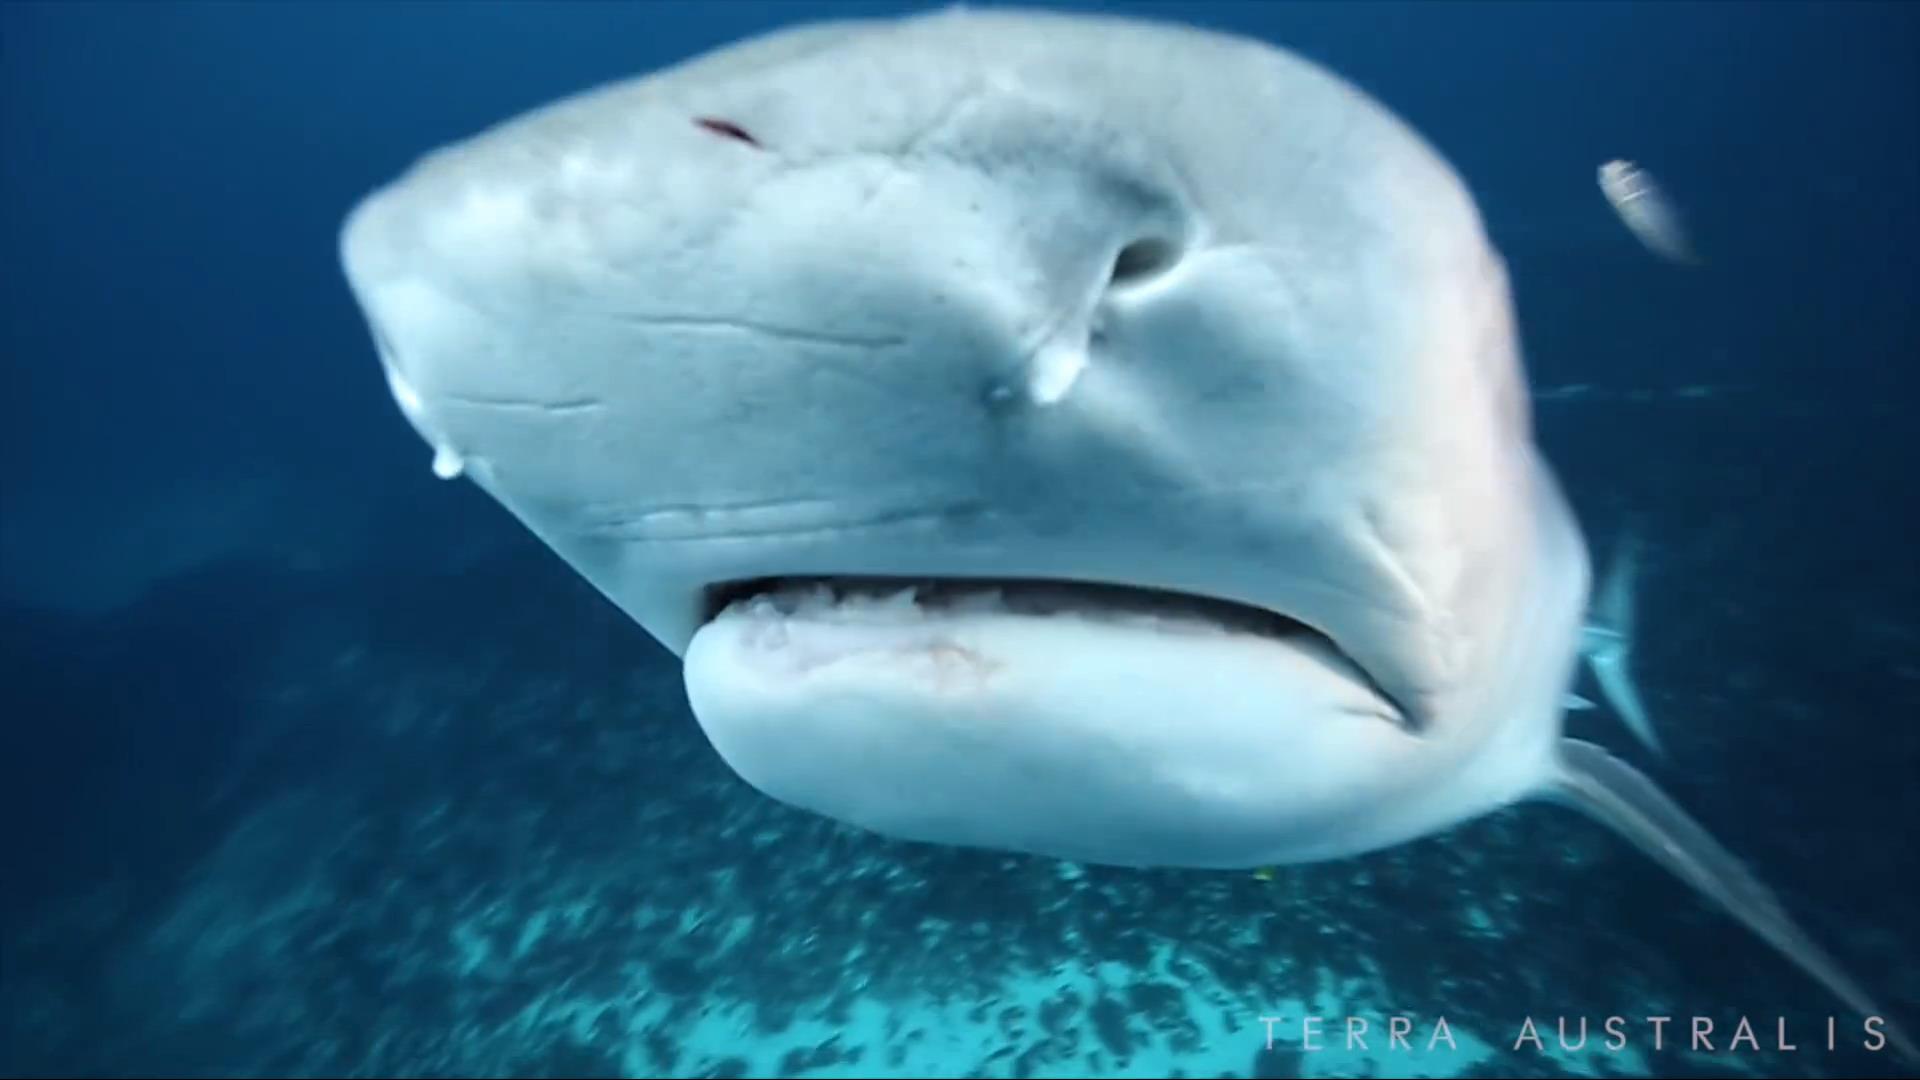 terra-australis-tiger-shark-4